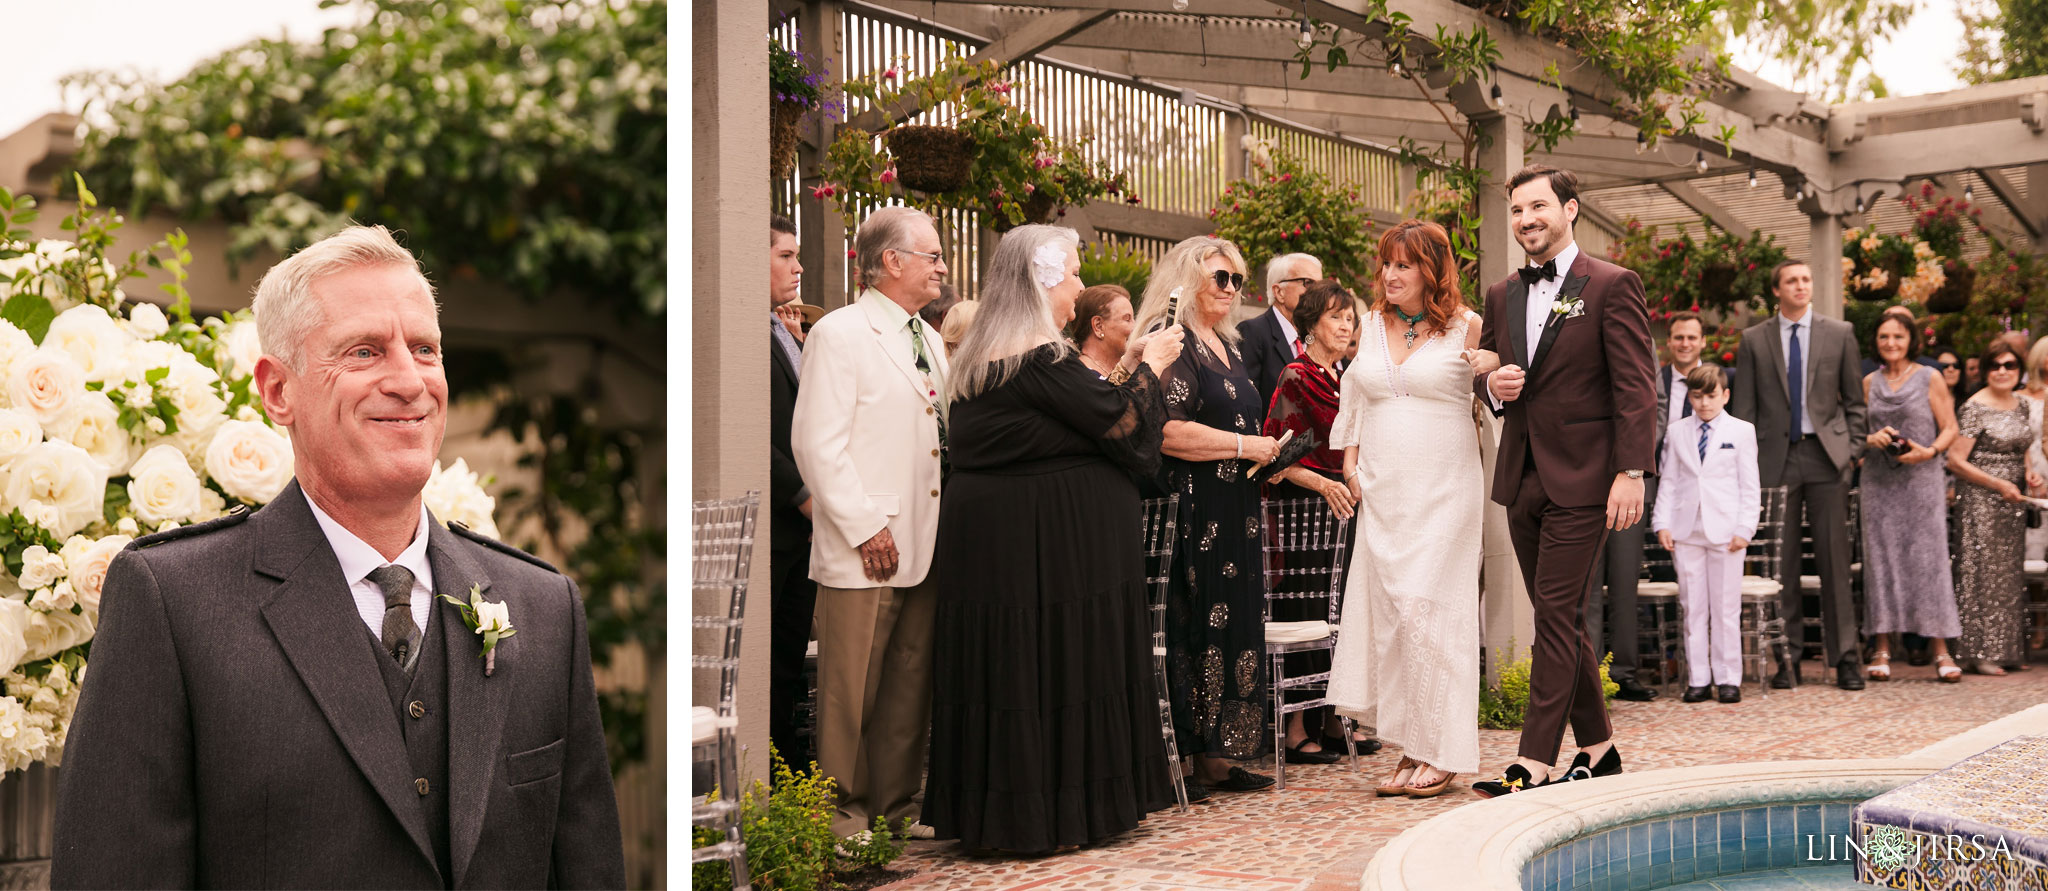 22 sherman library gardens corona del mar same sex wedding photography